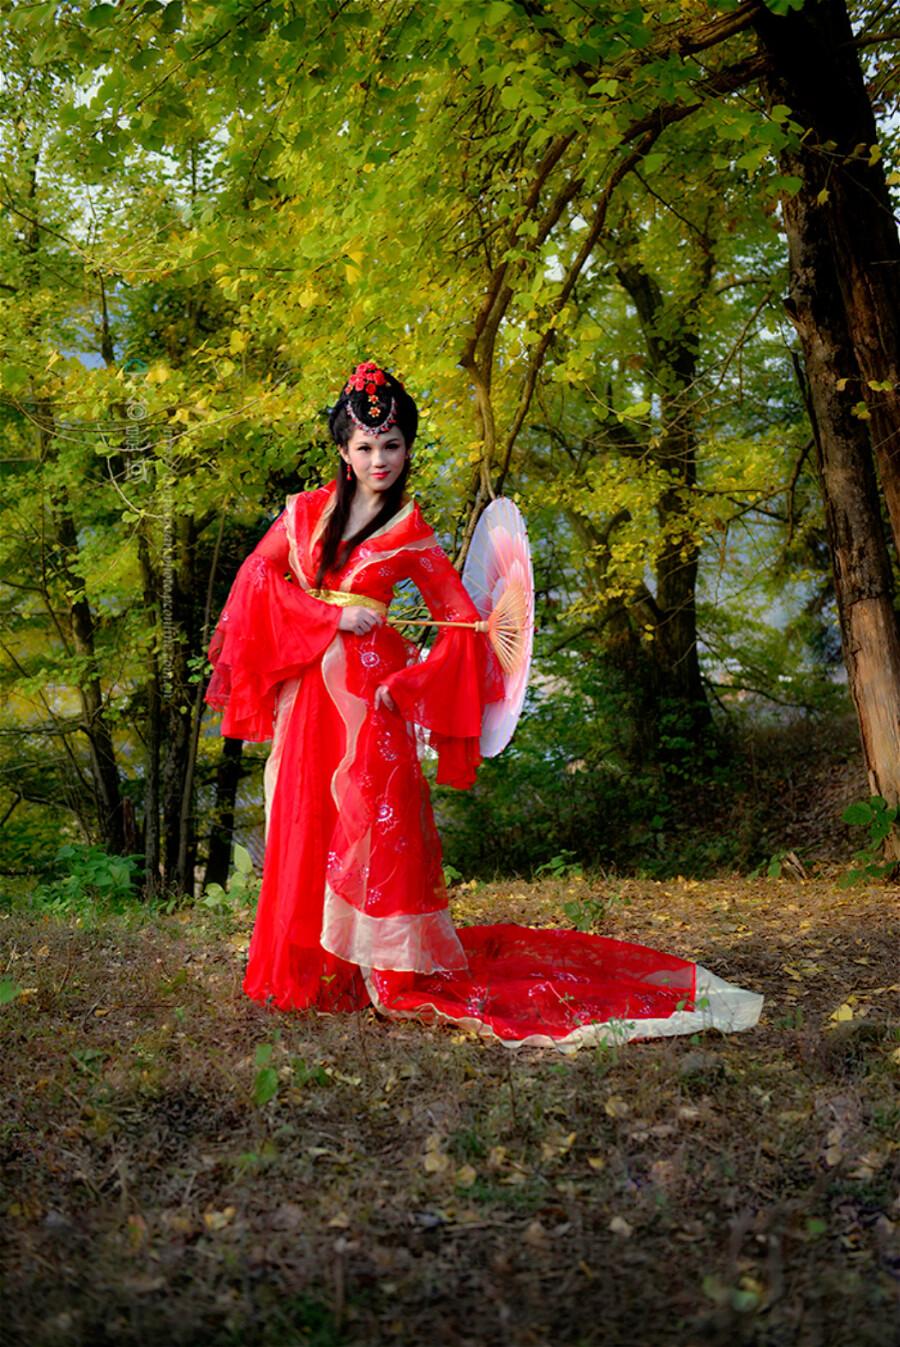 【制作音画人物素材二篇】古韵◆~树树秋声 赤练仙子 - 浪漫人生 - .